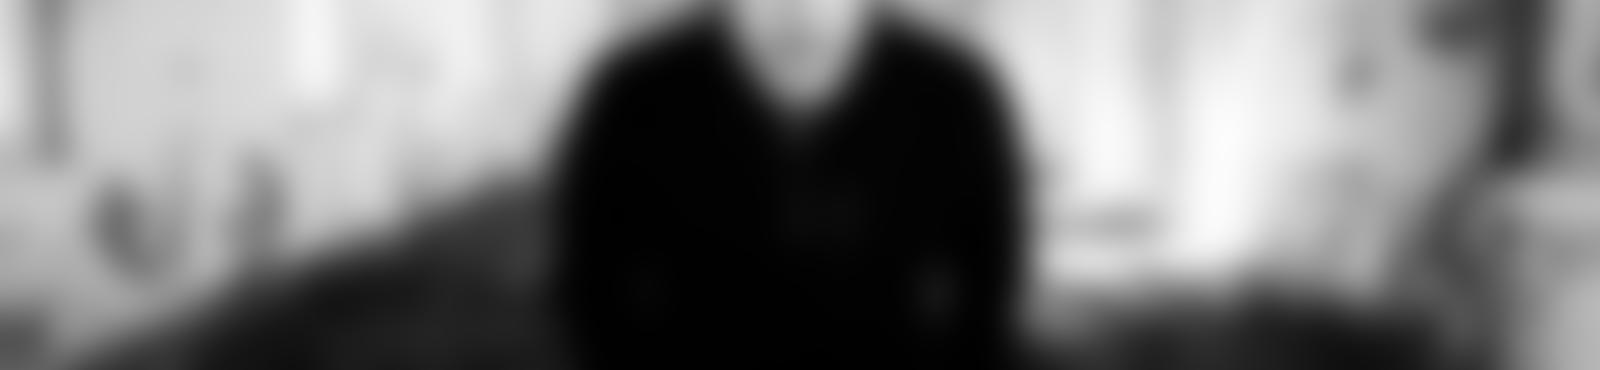 Blurred 8c4d9ab4 4e56 4366 8082 c0060b6e7a93